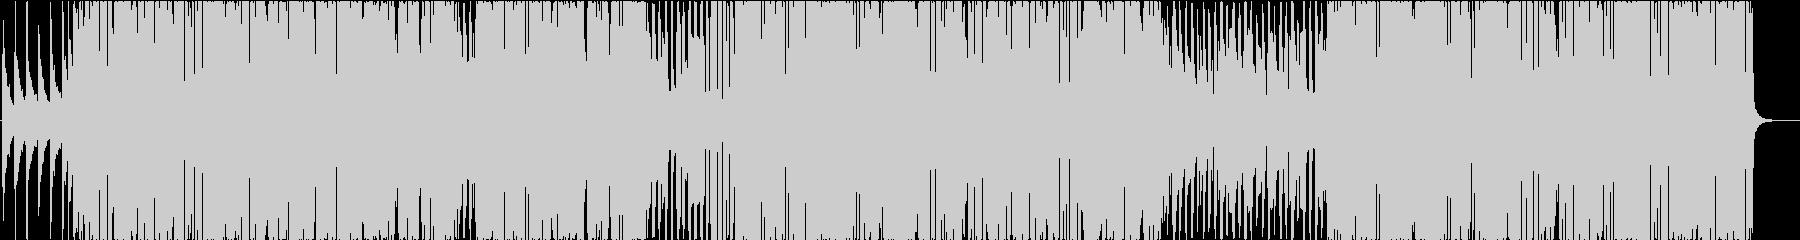 ピアノとアルトサックスのシティポップの未再生の波形